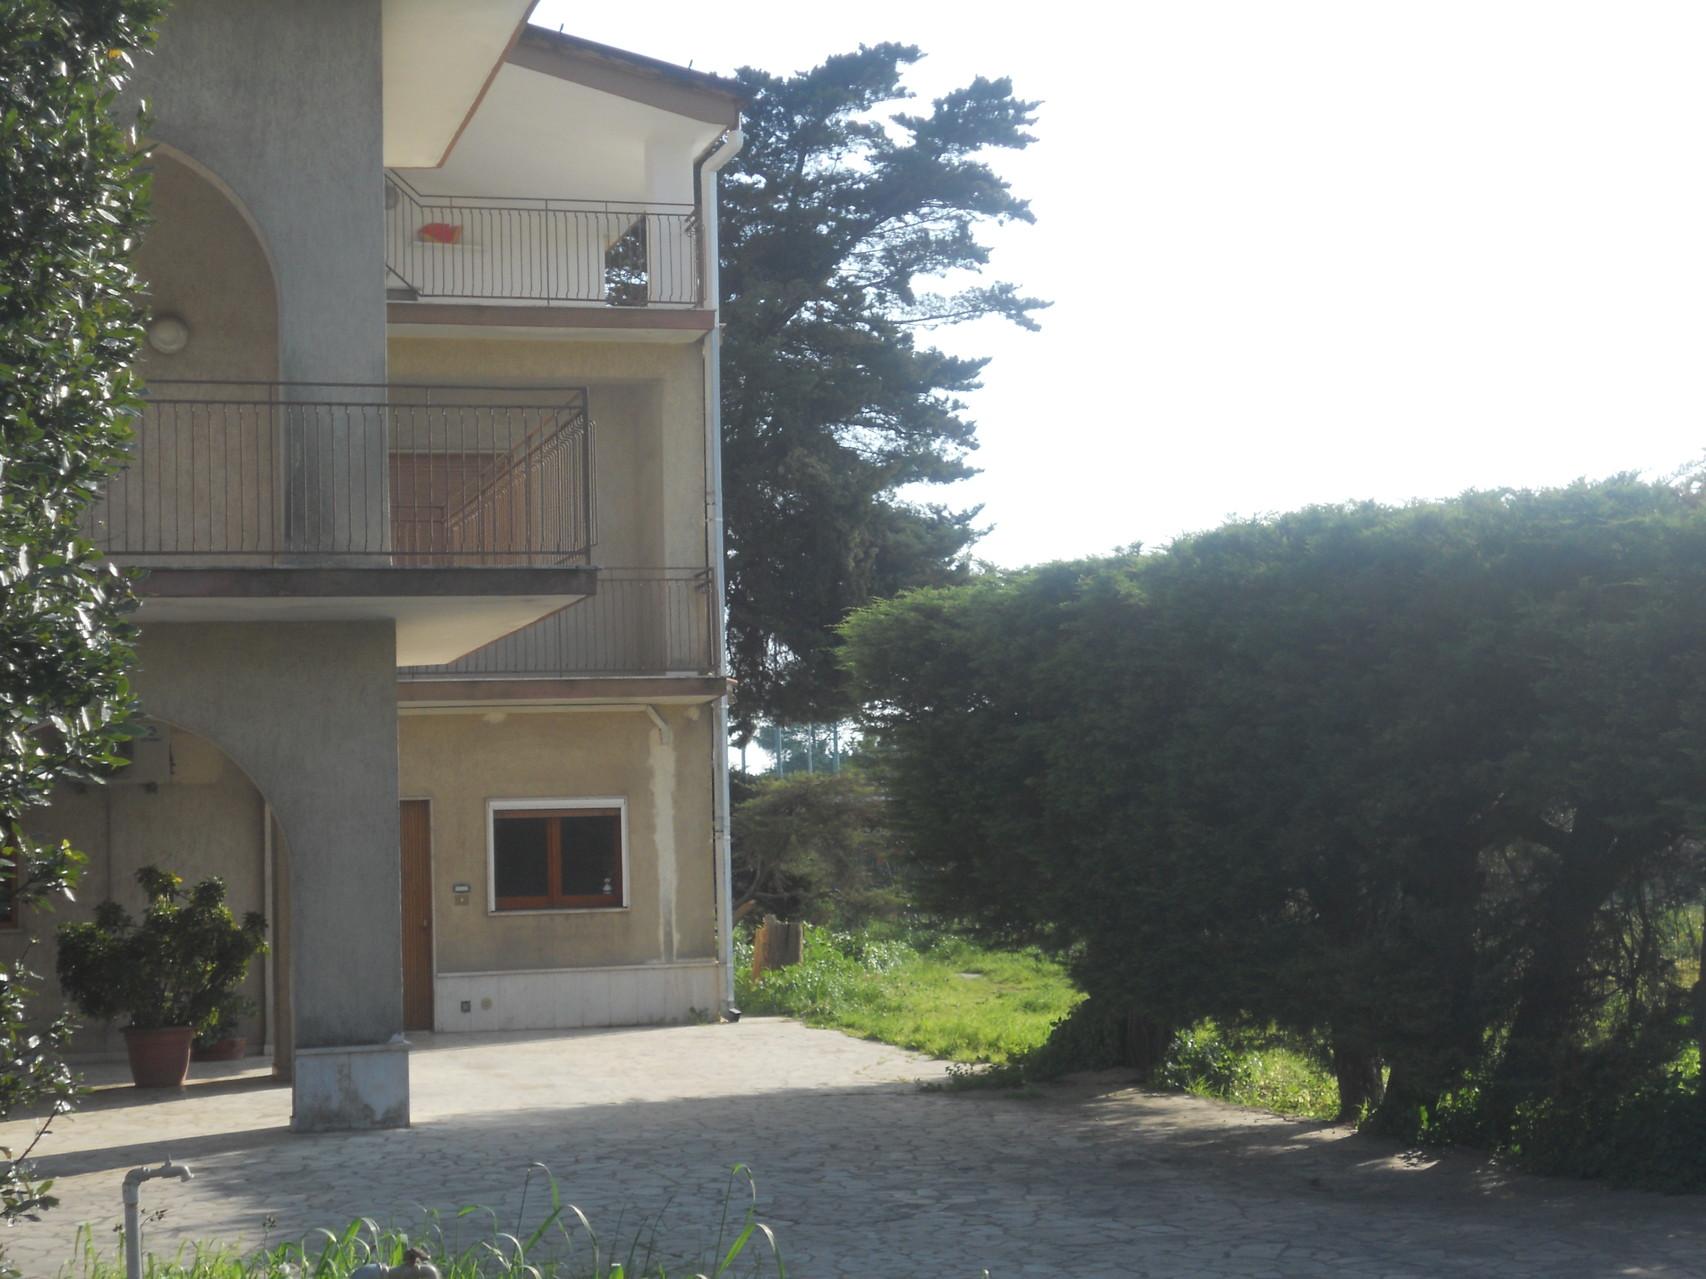 Buitenkant van de zijde van de villa waar het appartement is.